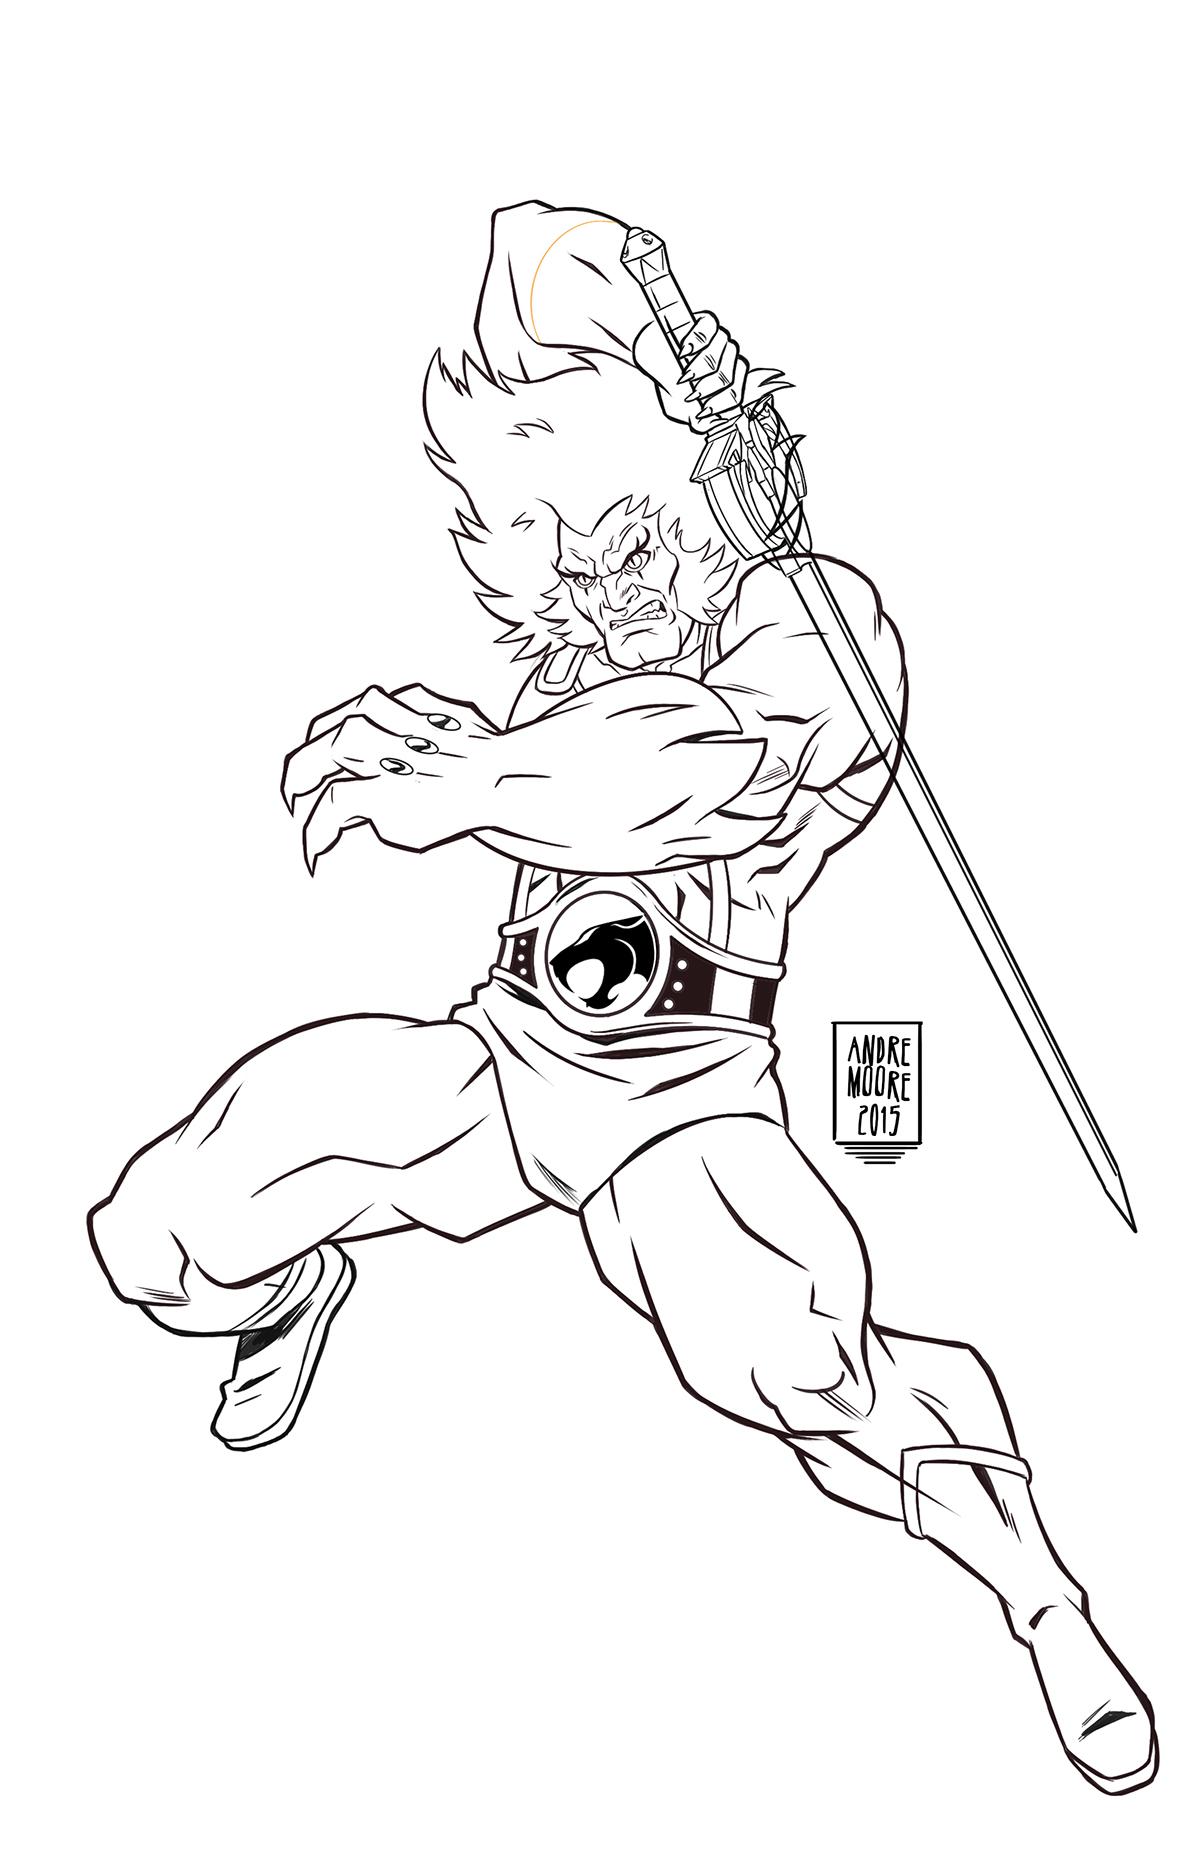 80s cartoon thundercats Lion-O